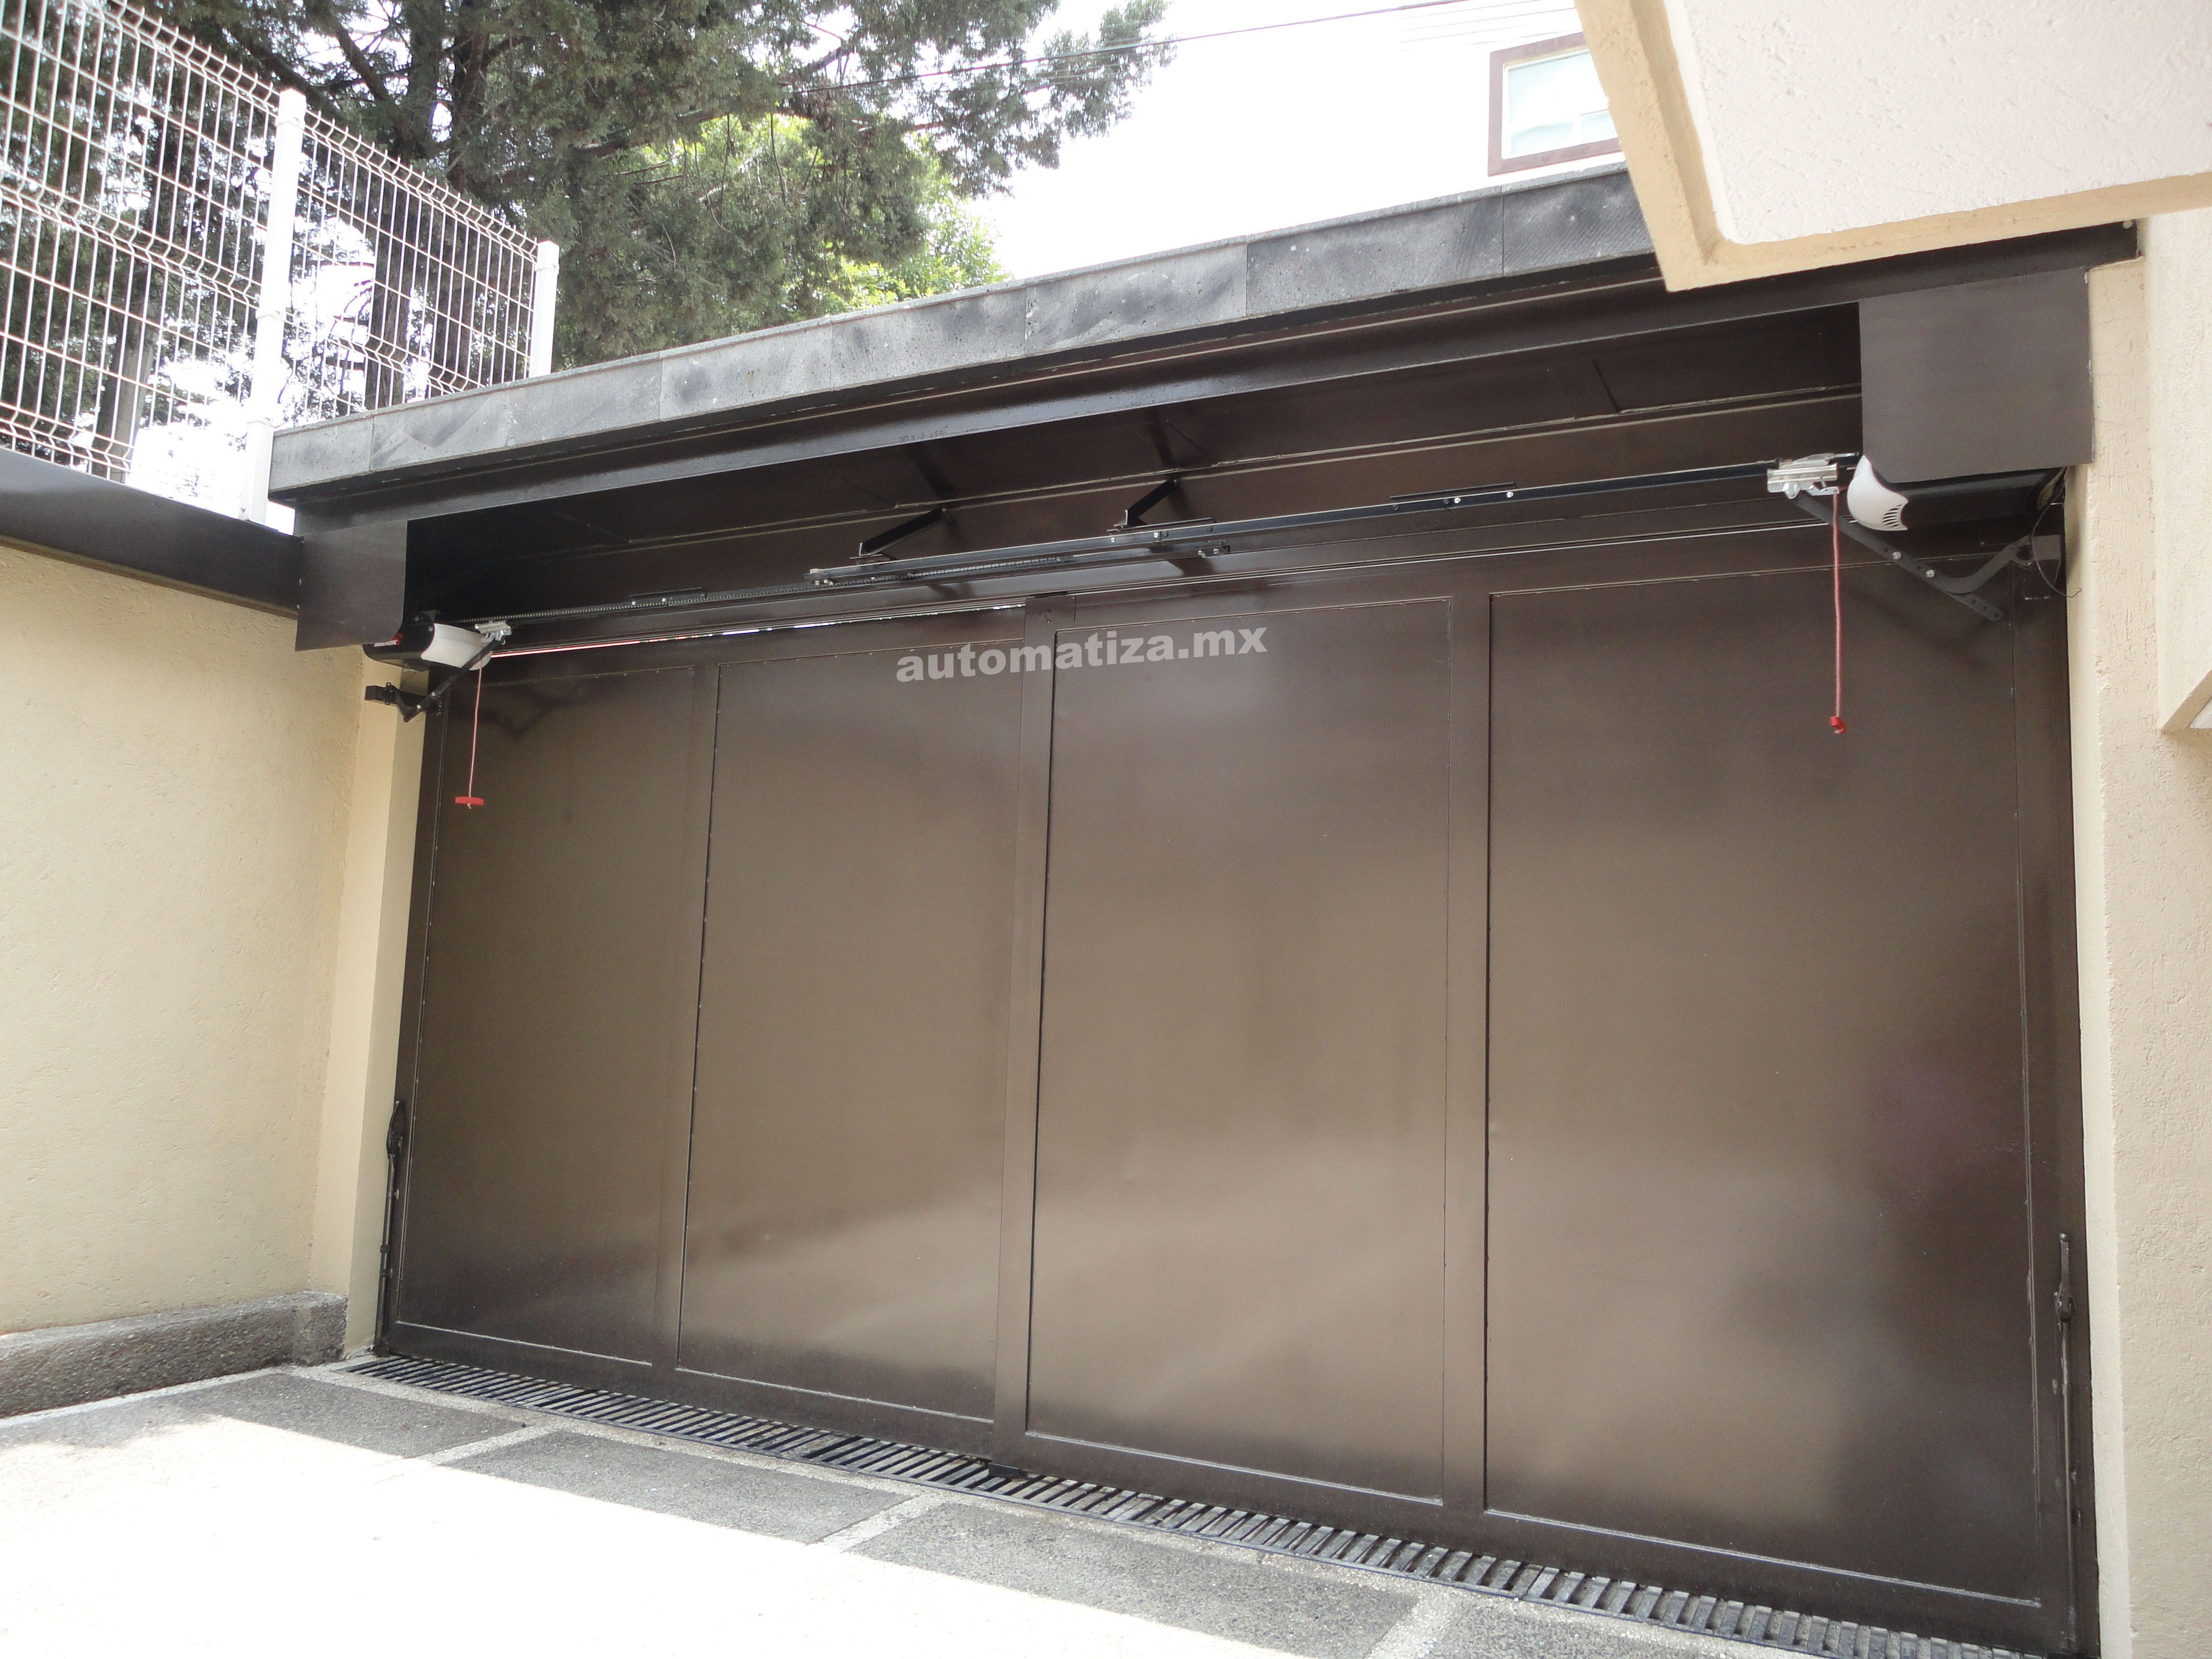 Merik DF: ventajas de las puertas para uso residencial y comercial